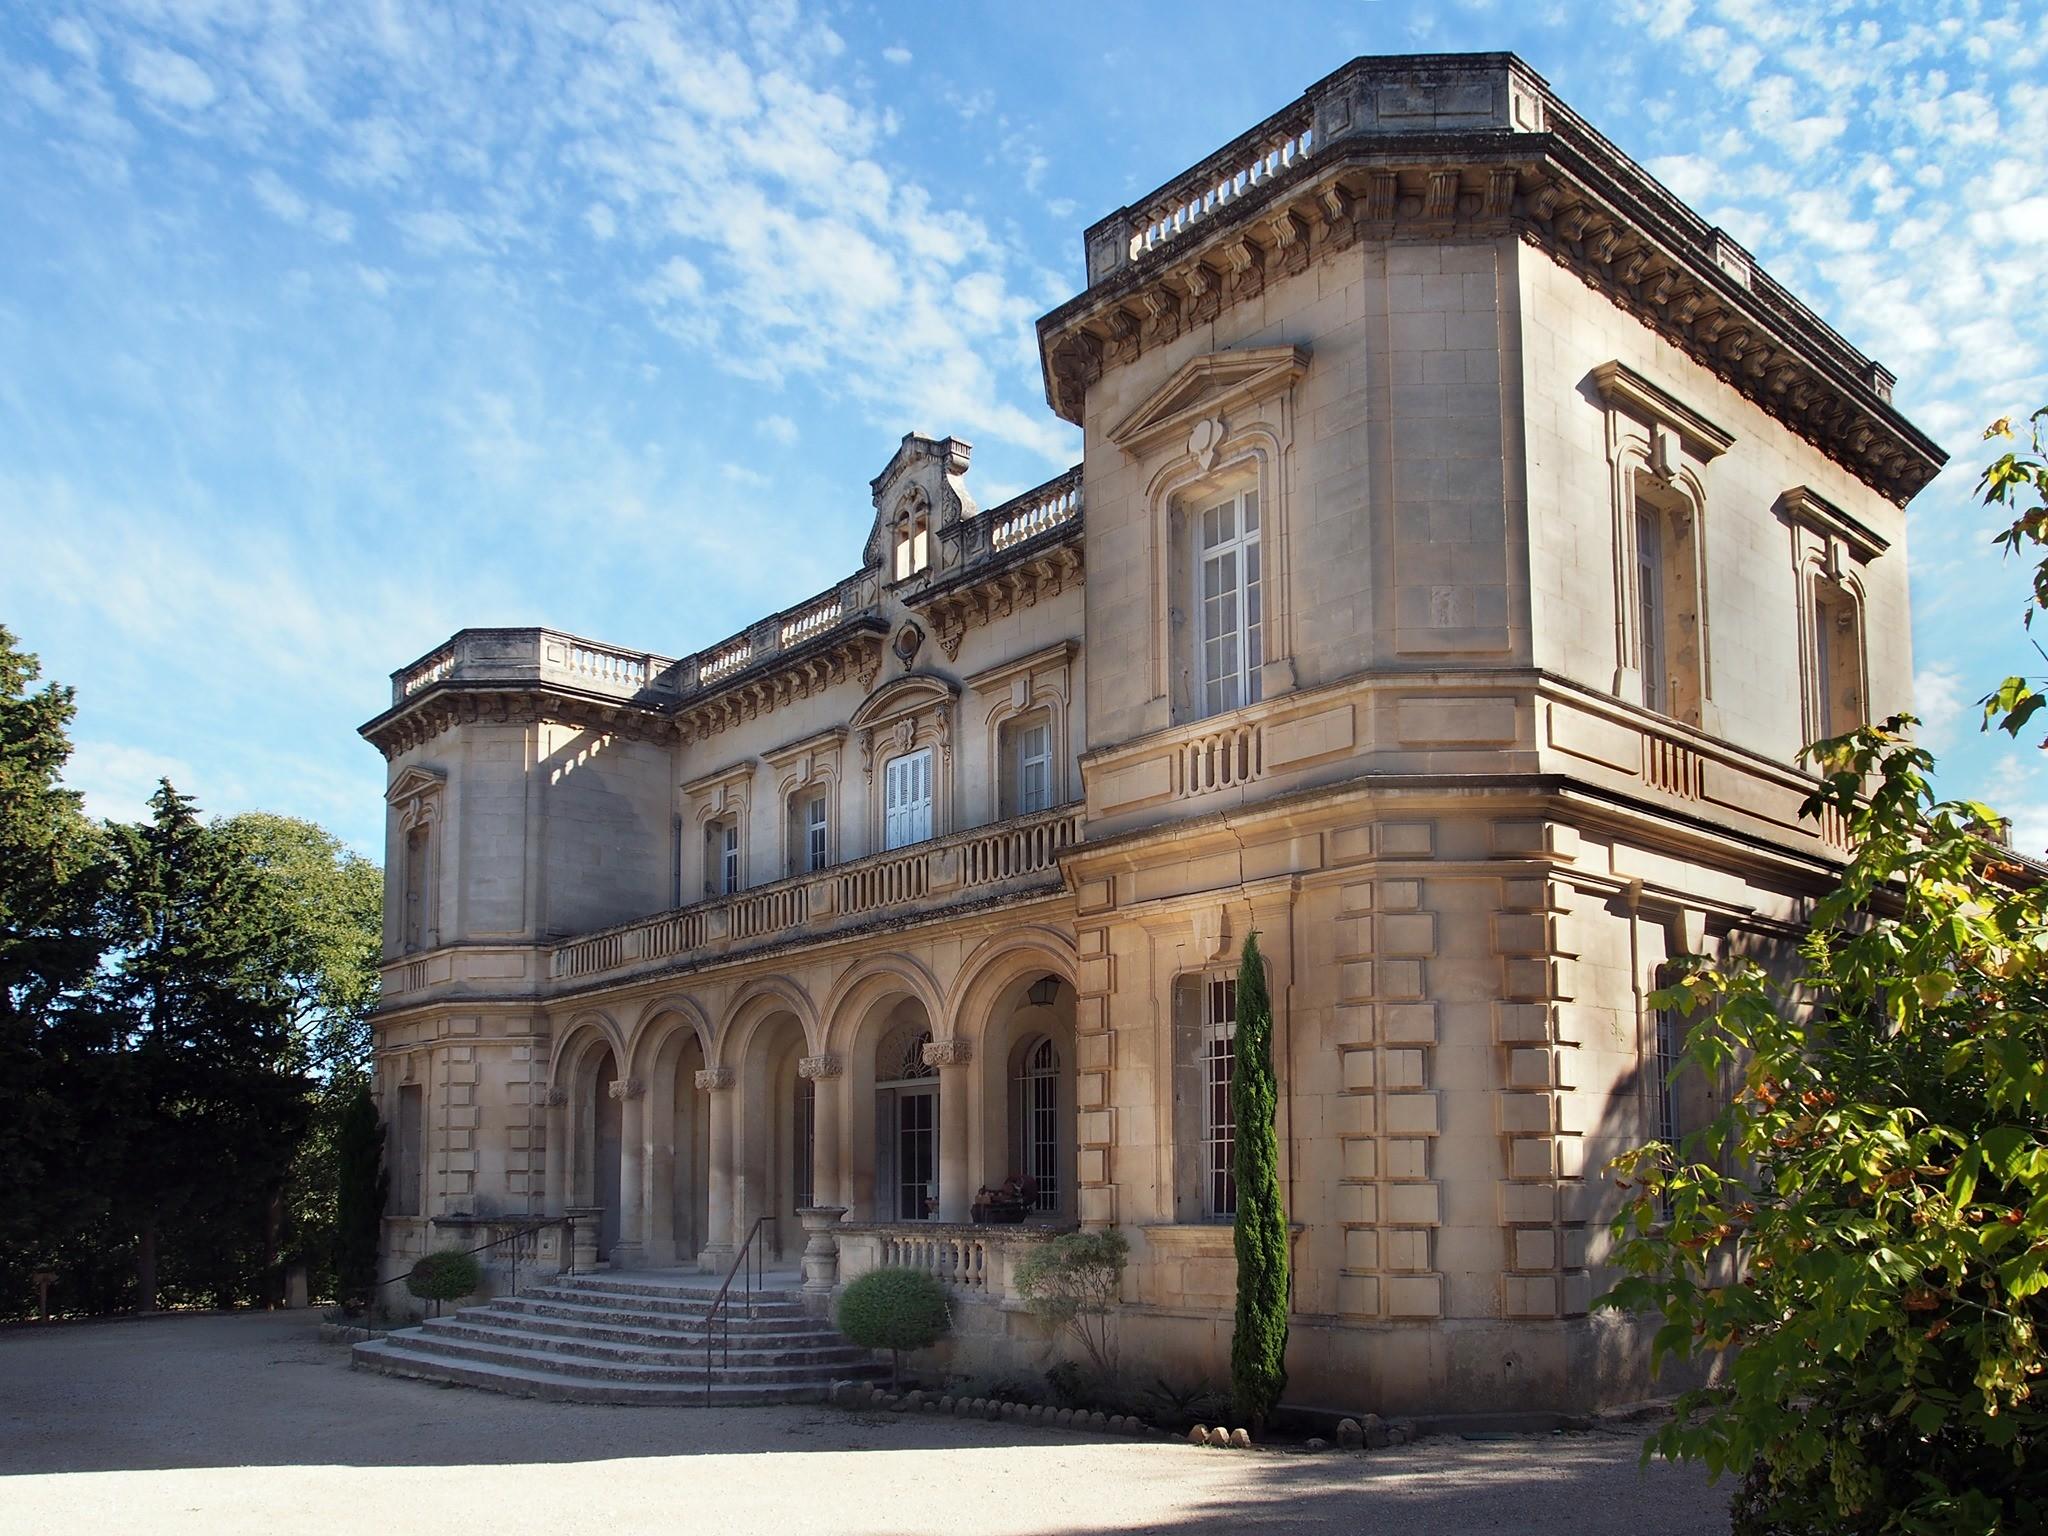 ateliers-pedagogiques-au-chateau-de-montauban